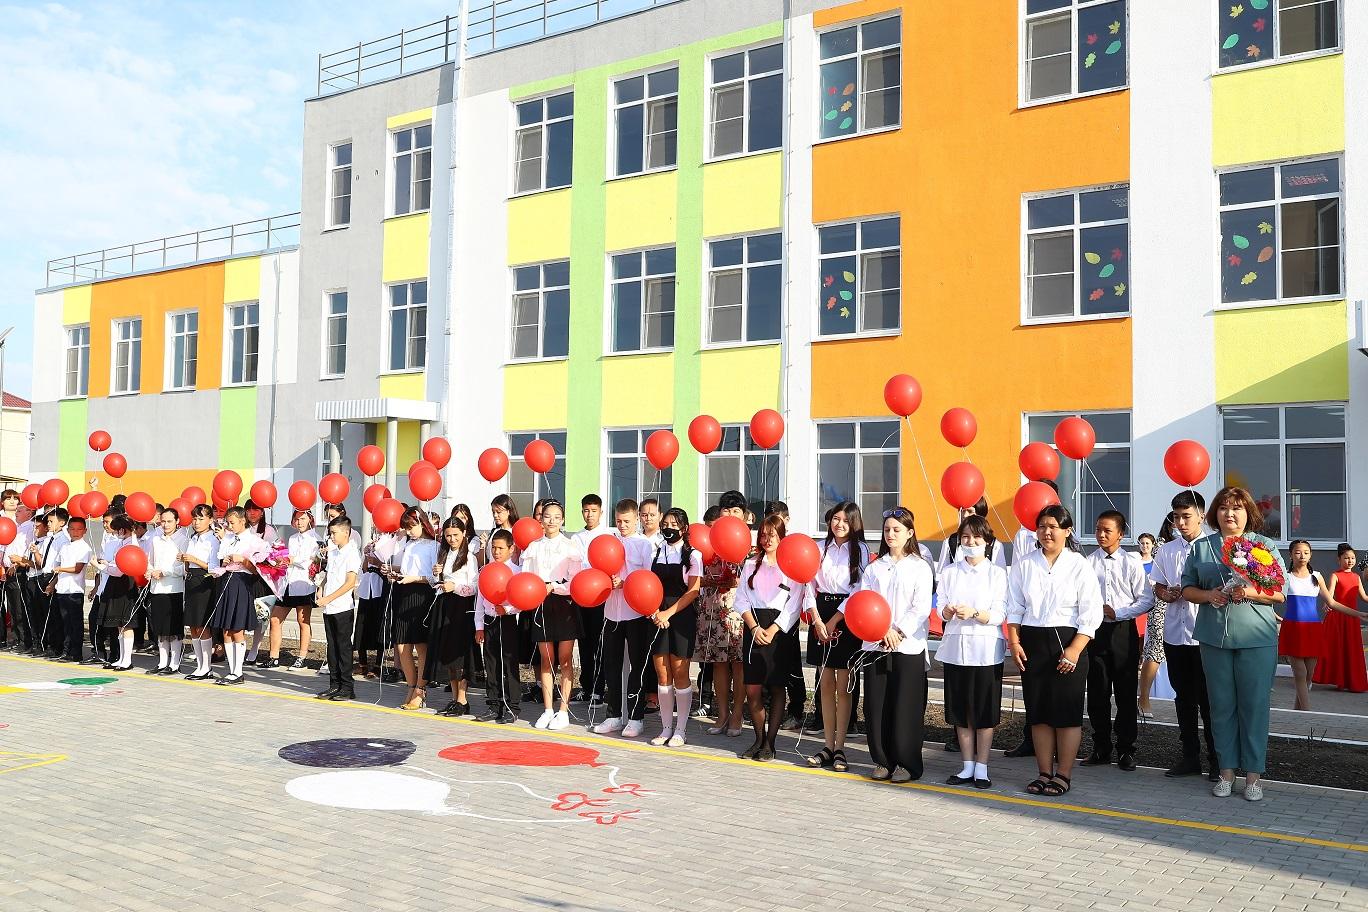 школа в астраханском поселке Мирный 12 В школе астраханского поселка учеников не выпускали из класса из-за толчеи в коридоре